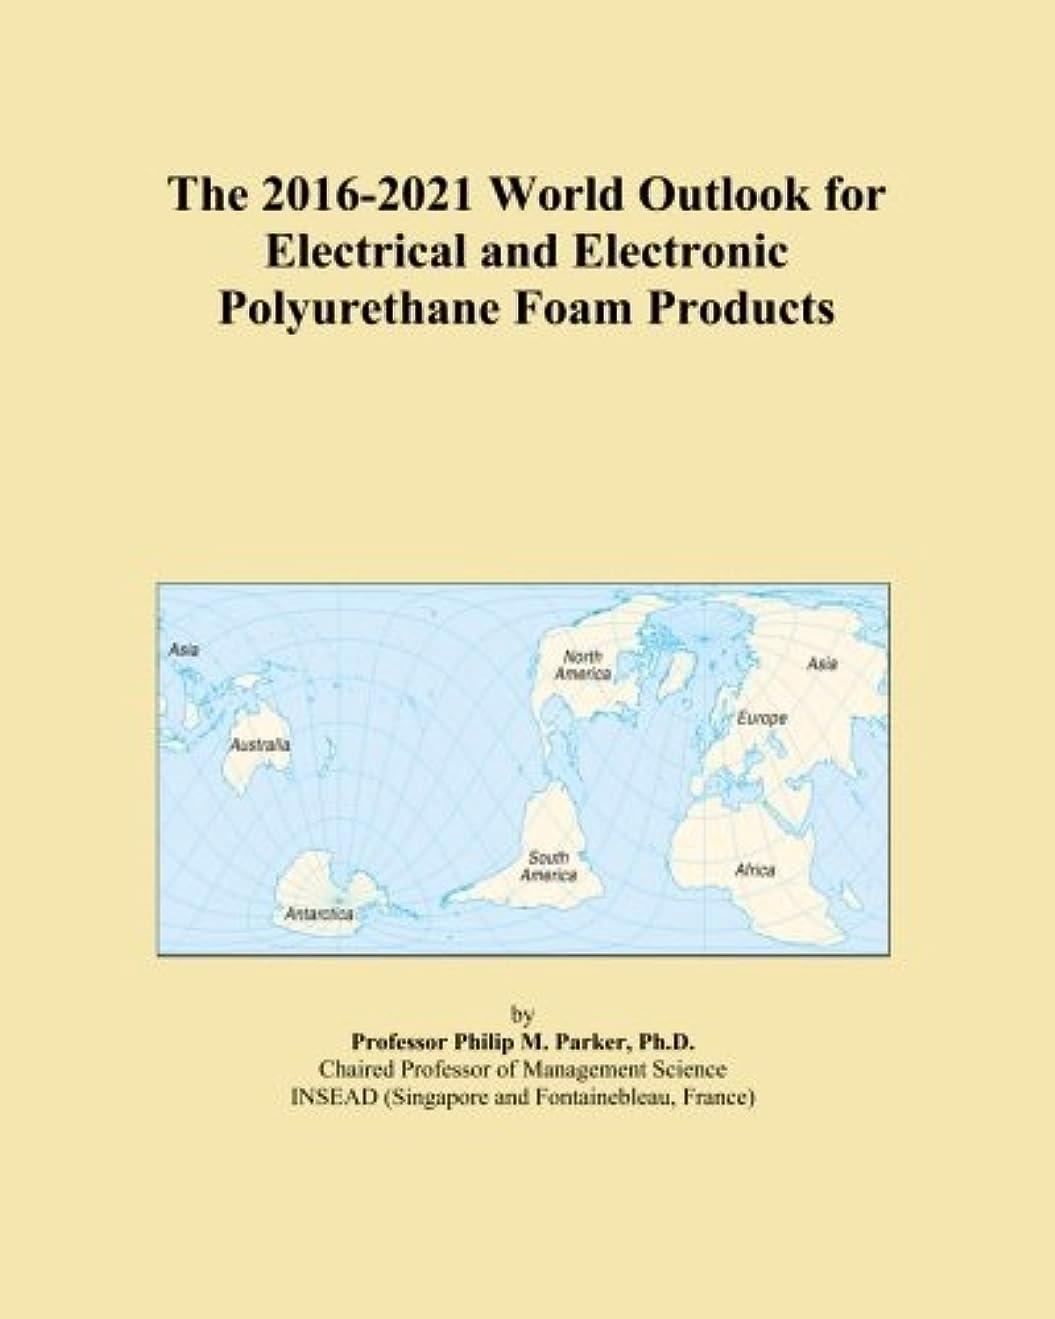 批評複製郵便局The 2016-2021 World Outlook for Electrical and Electronic Polyurethane Foam Products